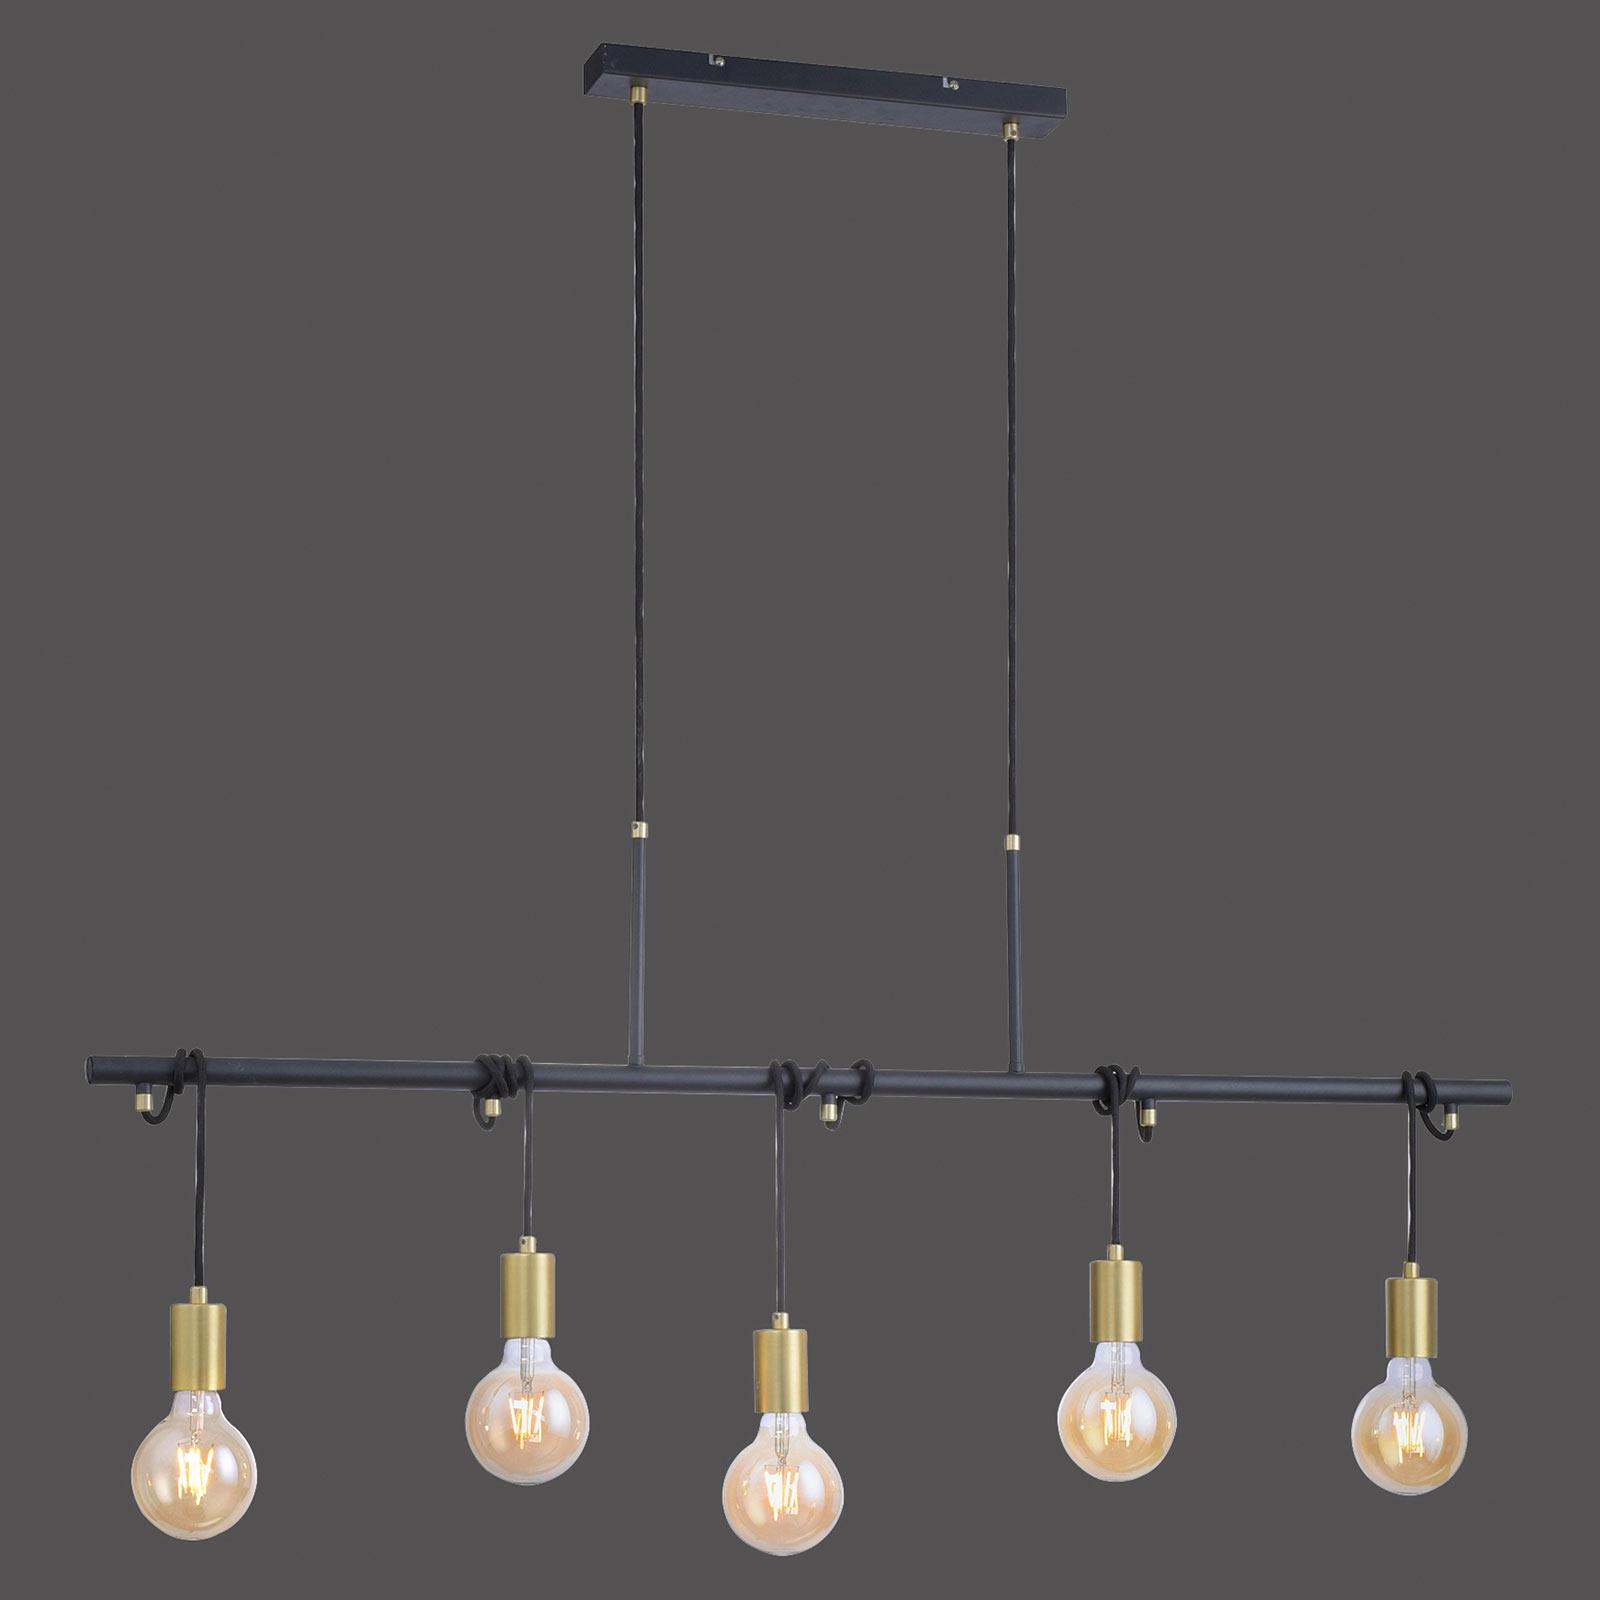 Hanglamp Tamara, 5-lamps, messing/zwart